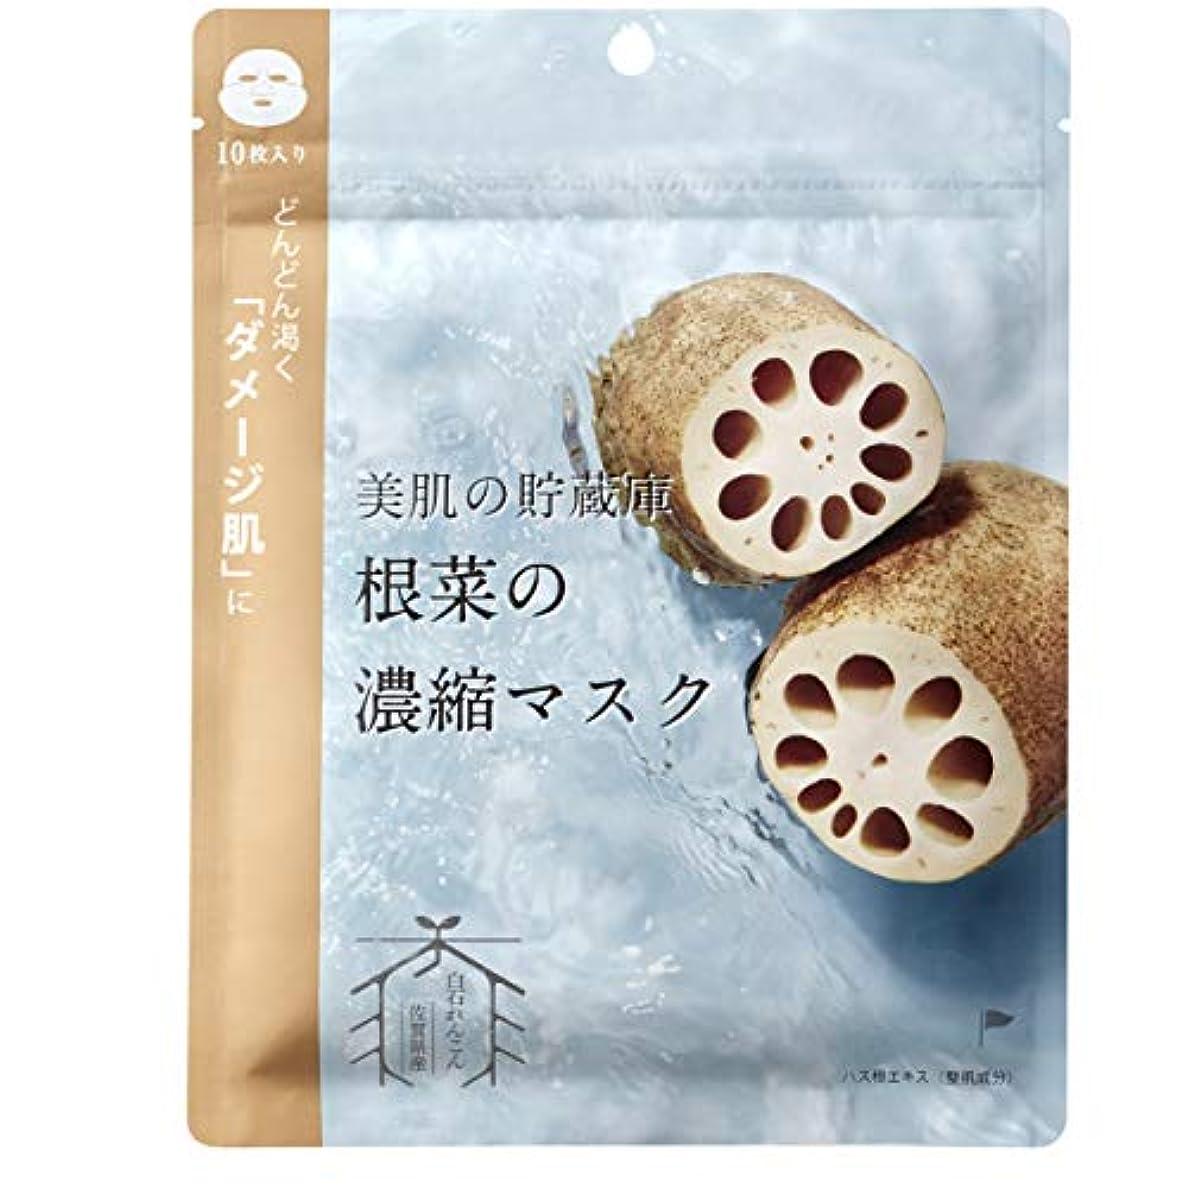 代理店最大の圧縮@cosme nippon 美肌の貯蔵庫 根菜の濃縮マスク 白石れんこん 10枚入 160ml